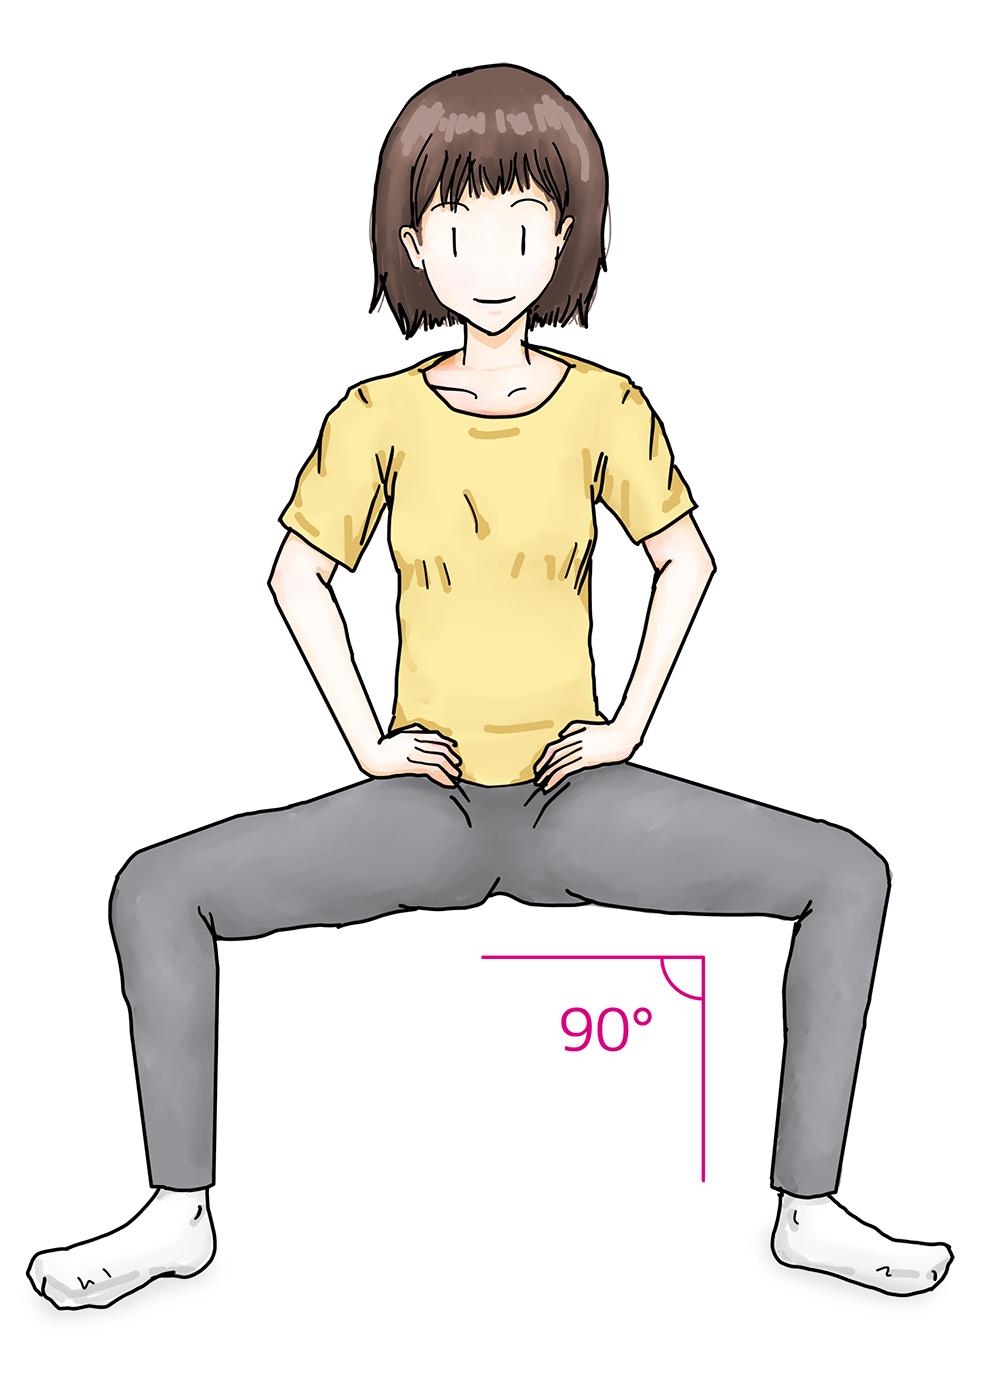 産後ケアハンドブック~ストレッチ編~